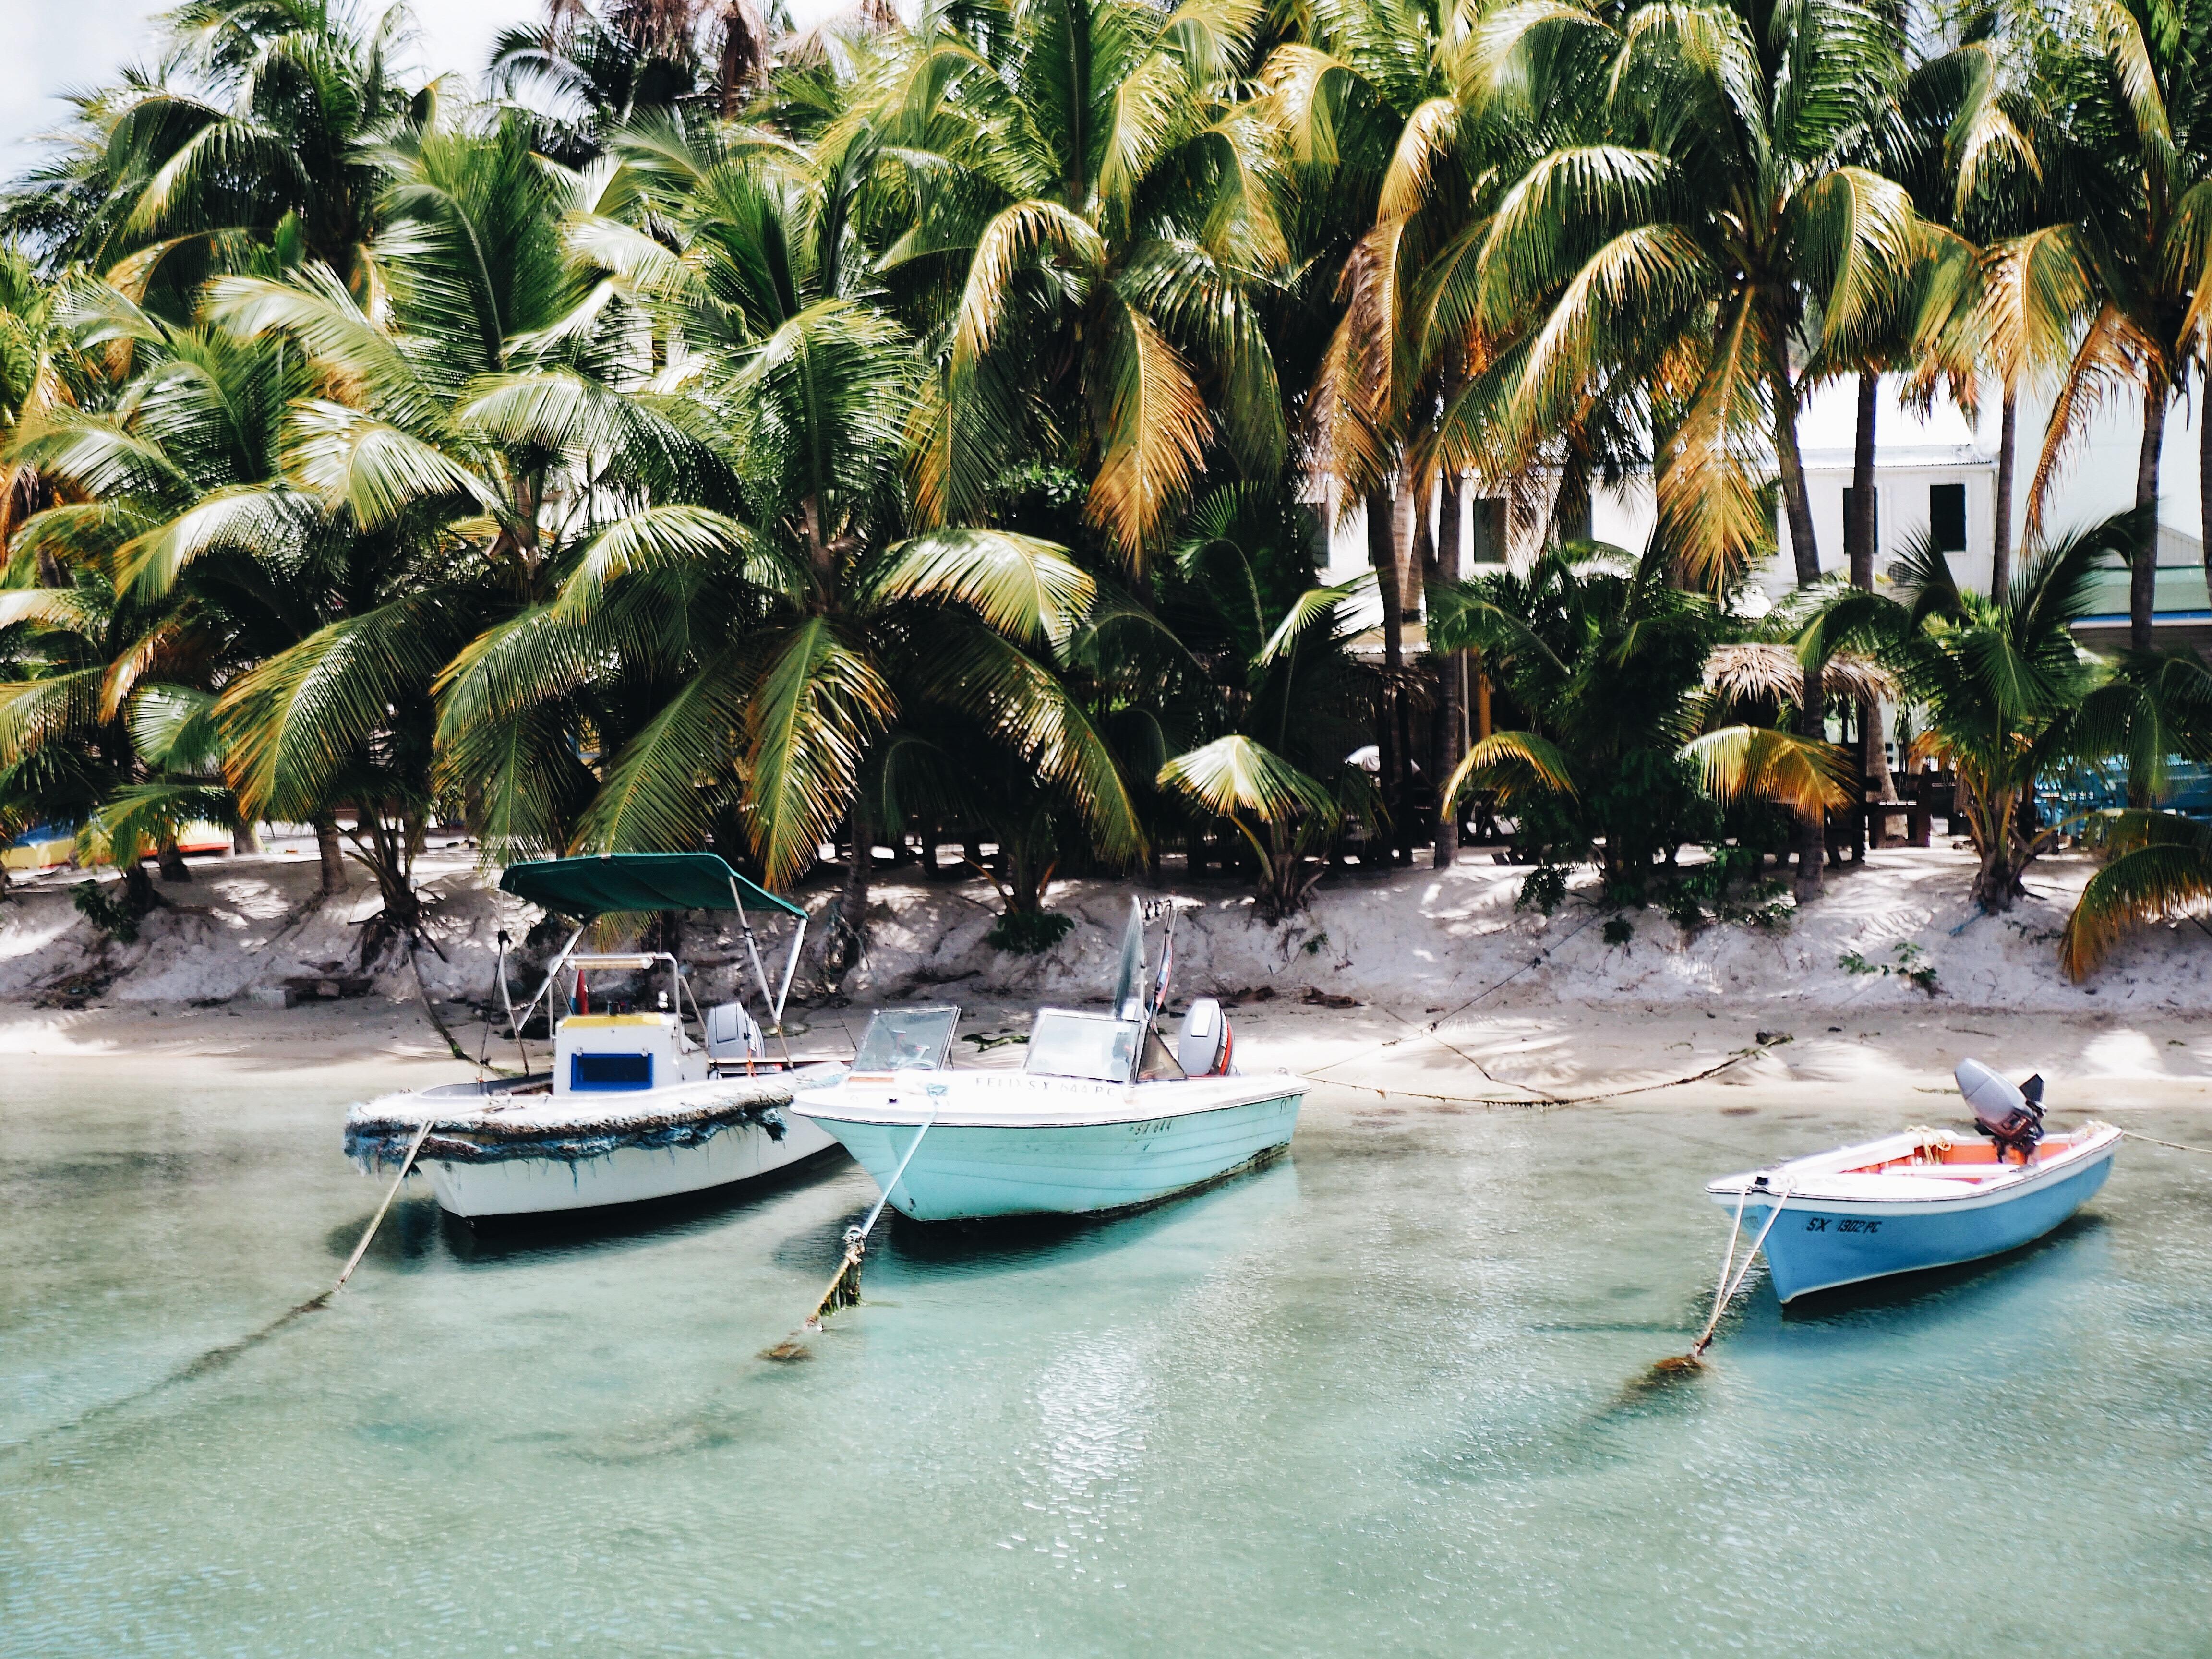 Boats in St. Maarten ferry dock